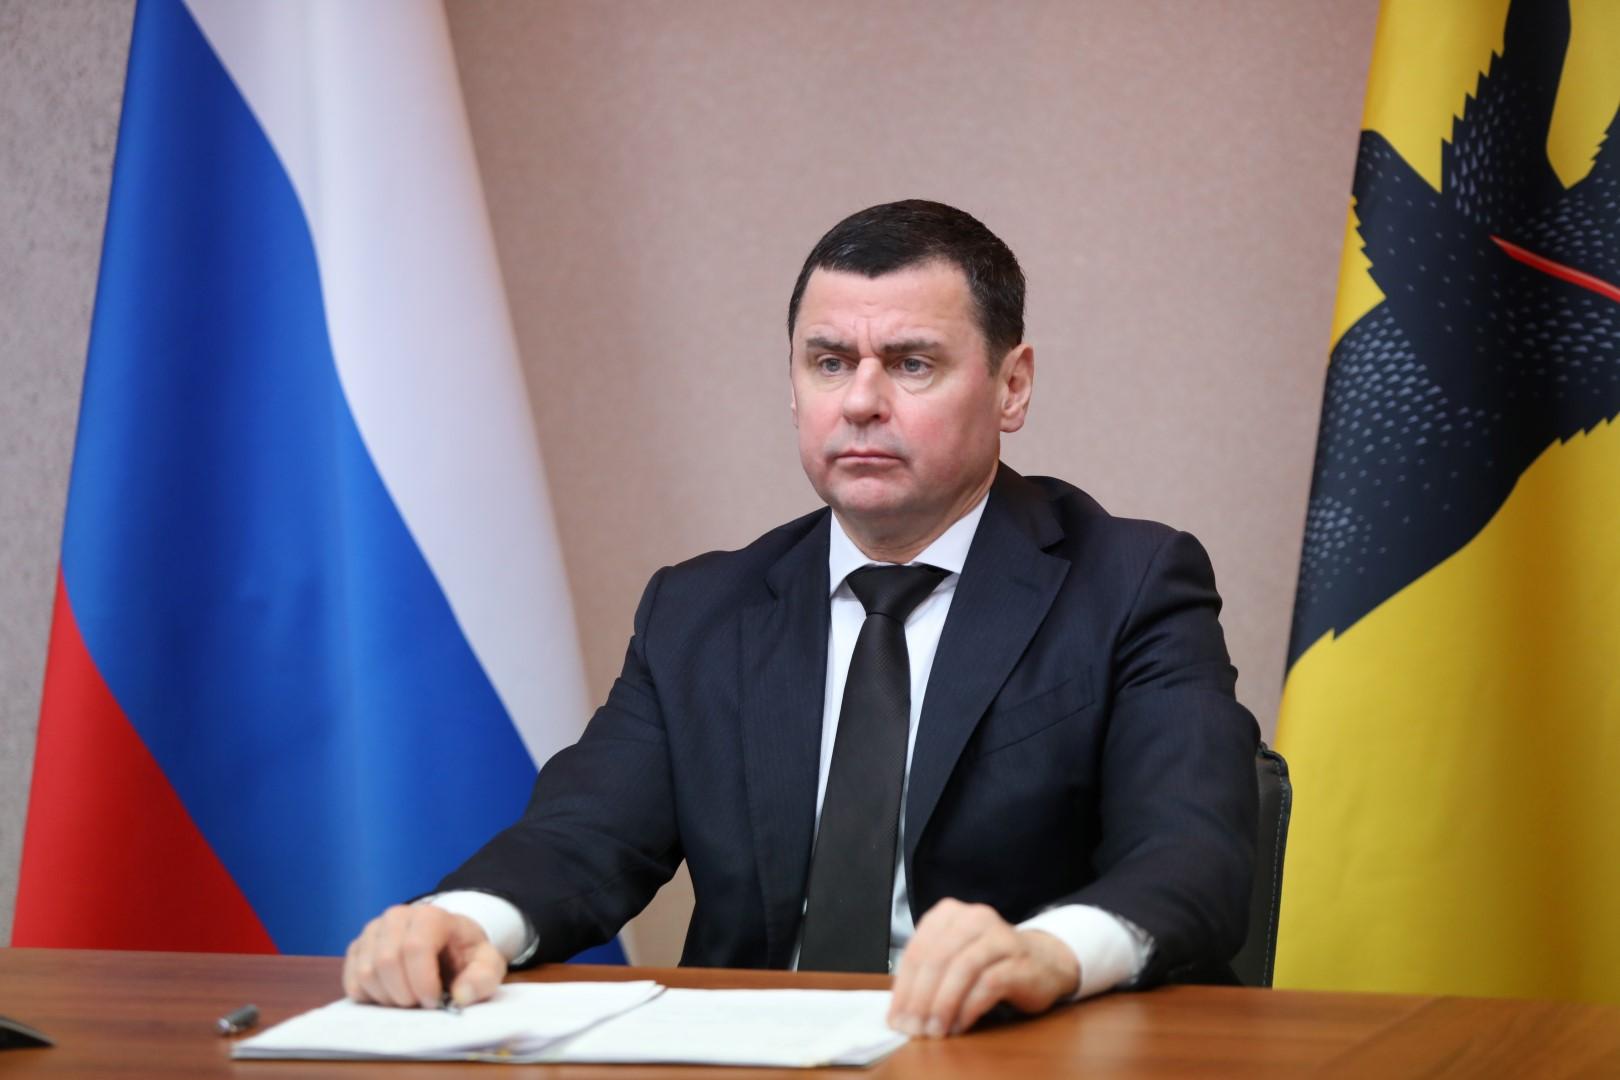 Берегоукрепление, нацпроекты и дороги: Дмитрий Миронов обсудил перспективы развития с главой Рыбинска